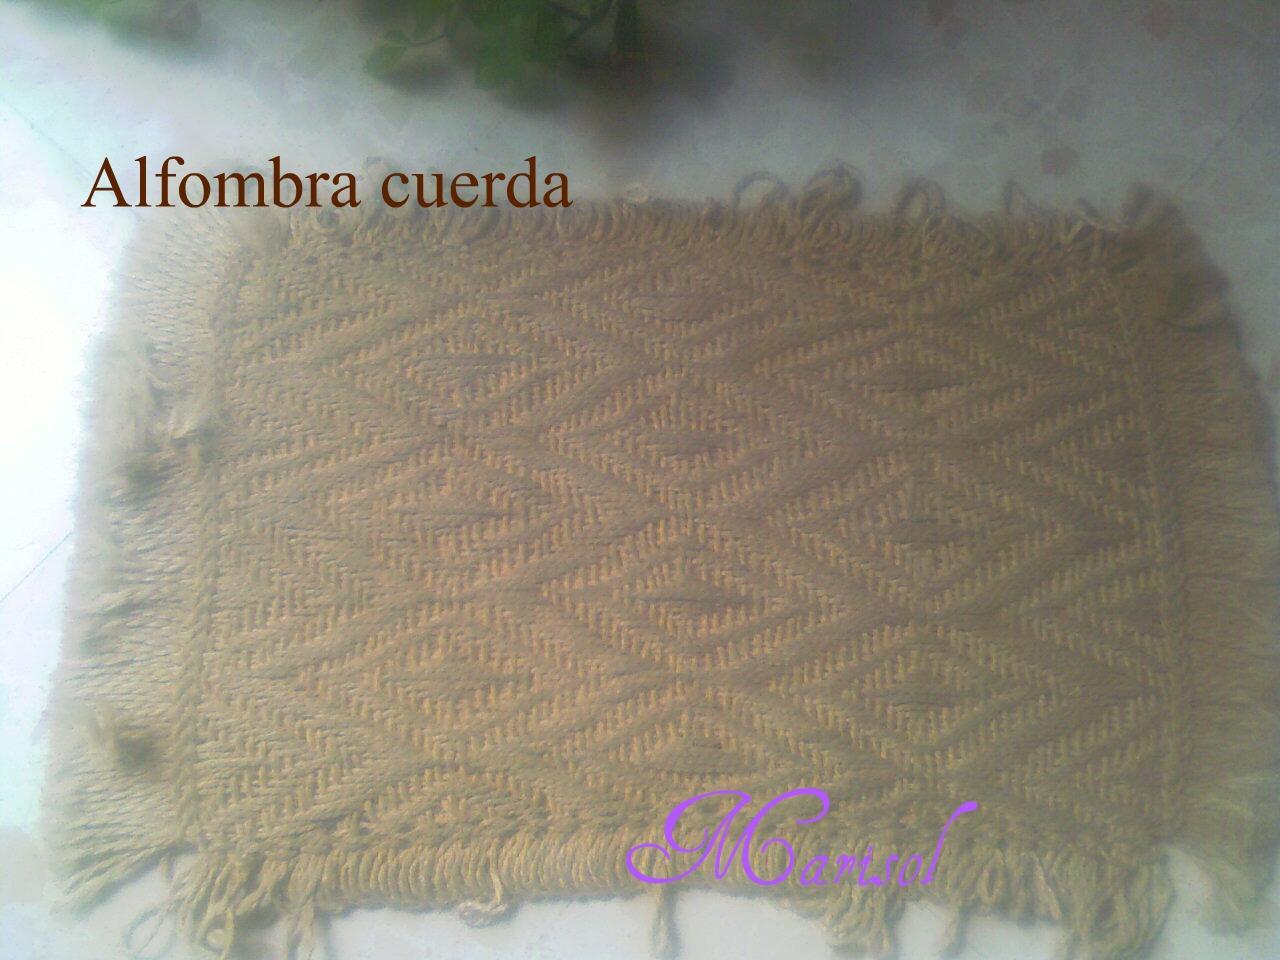 Blog manualidades marisol alfombra de cuerda - Alfombras de cuerda ...